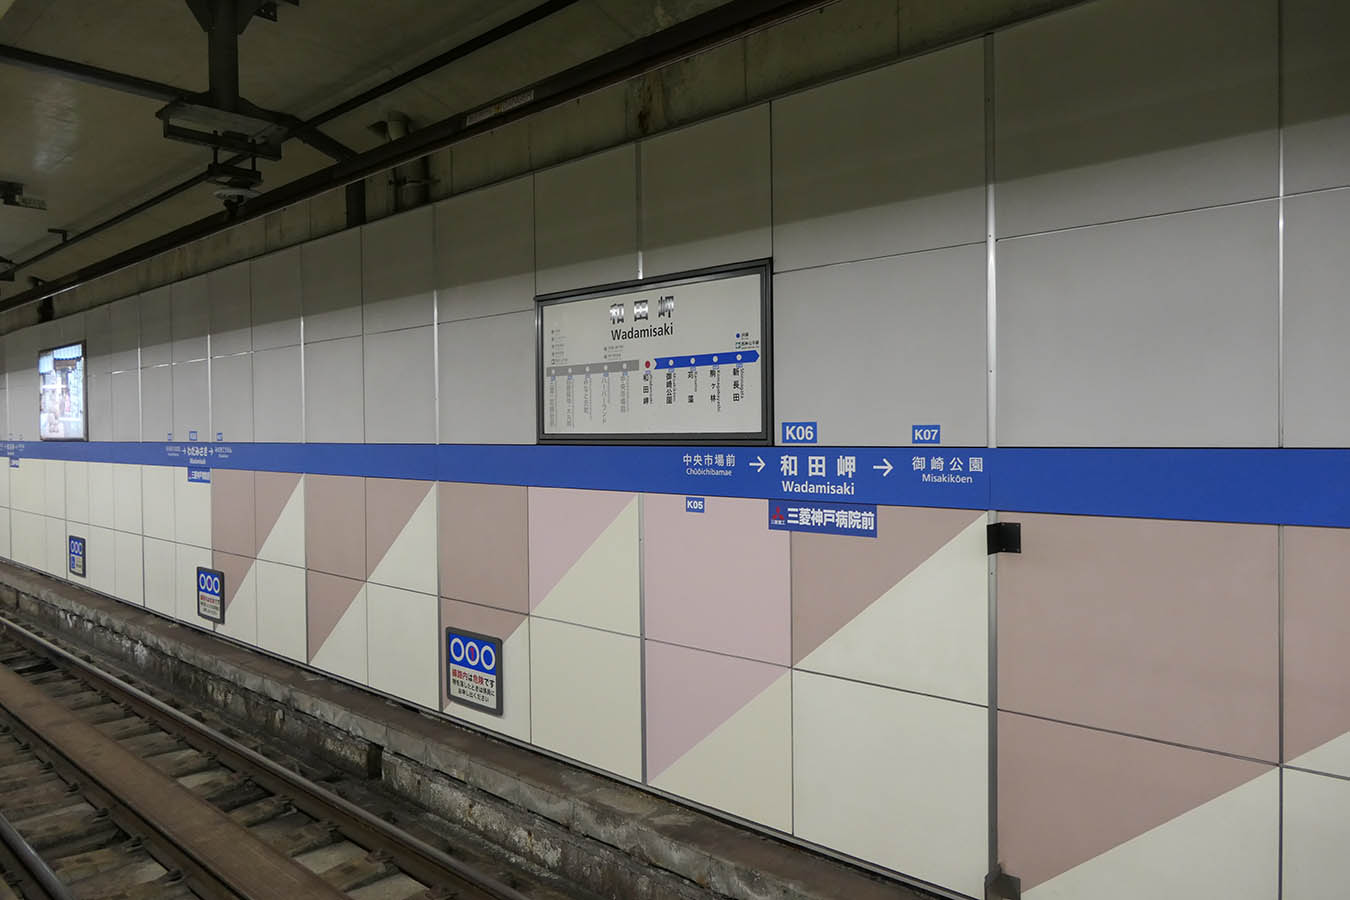 K06_photo01.jpg